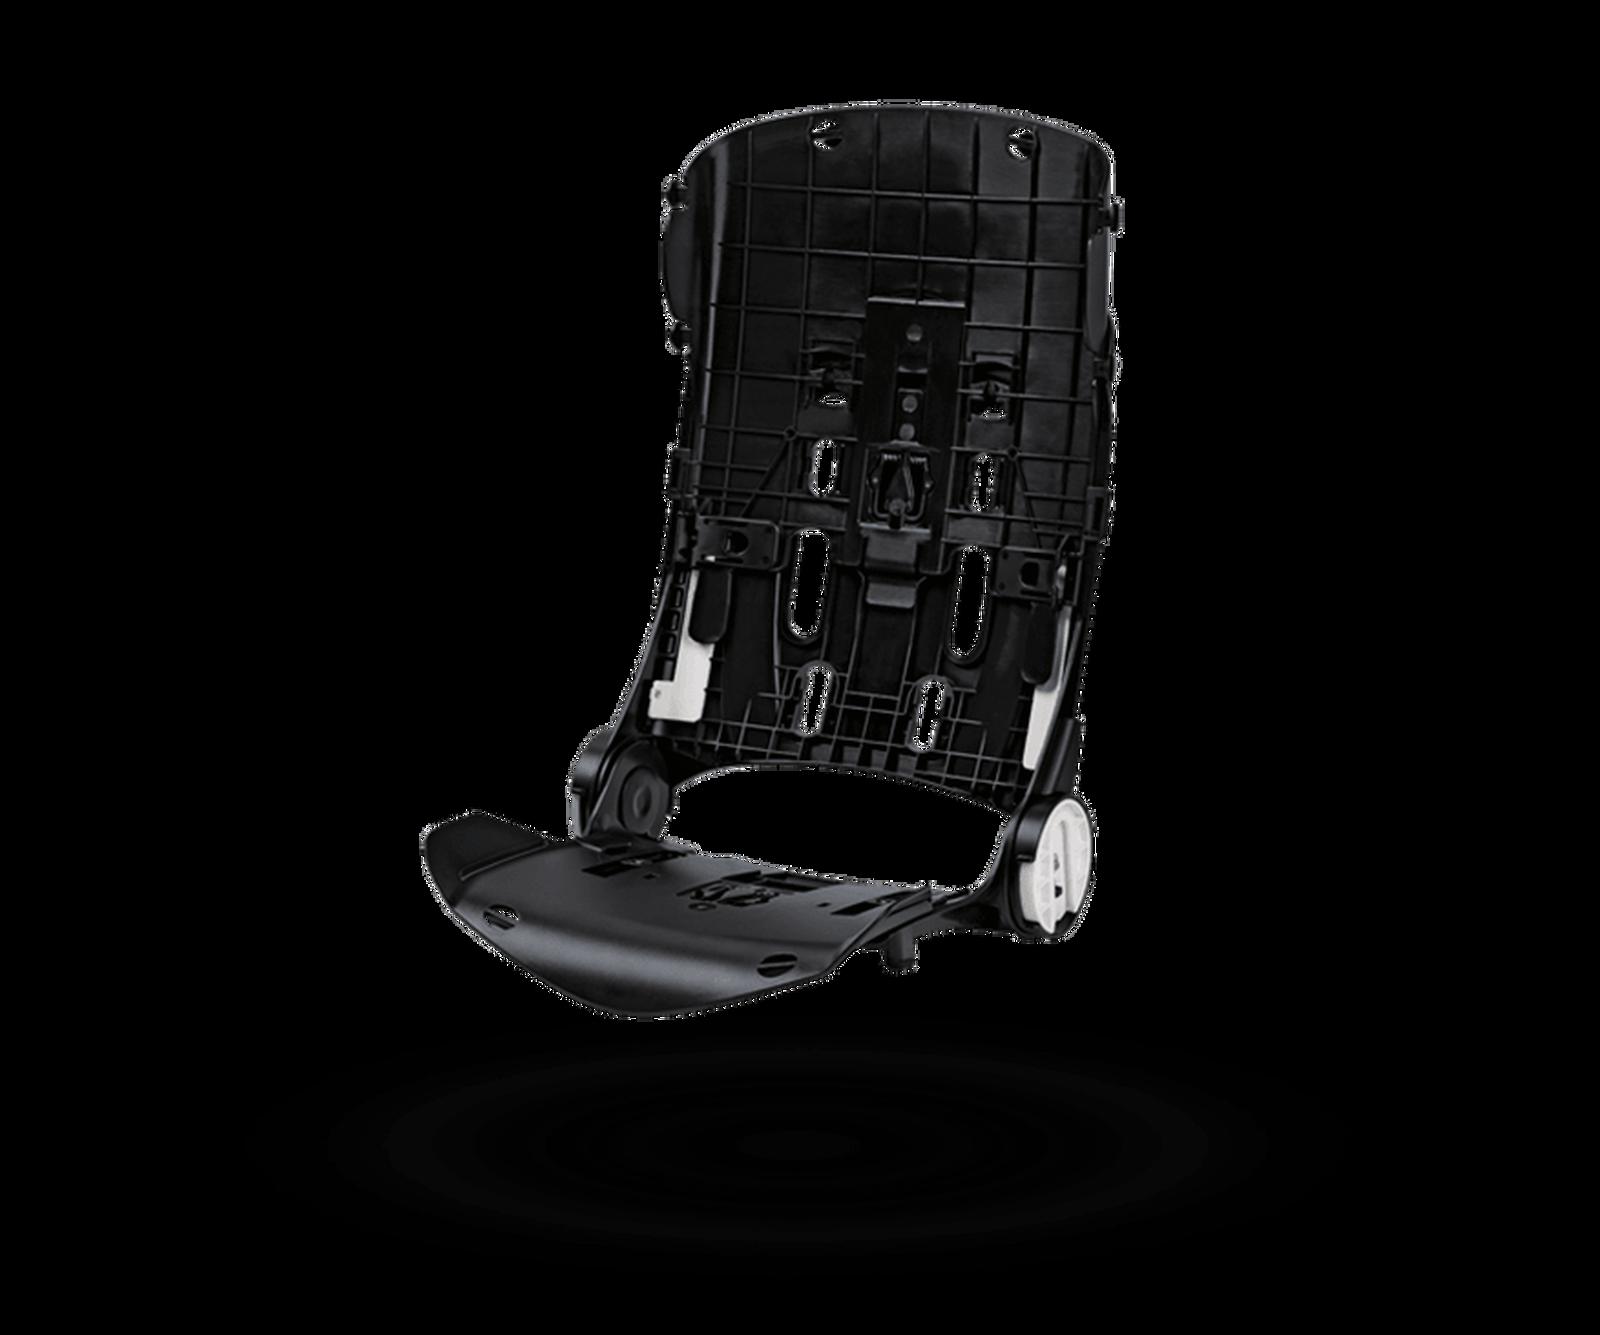 bugaboo bee3 seat hardware EMEA